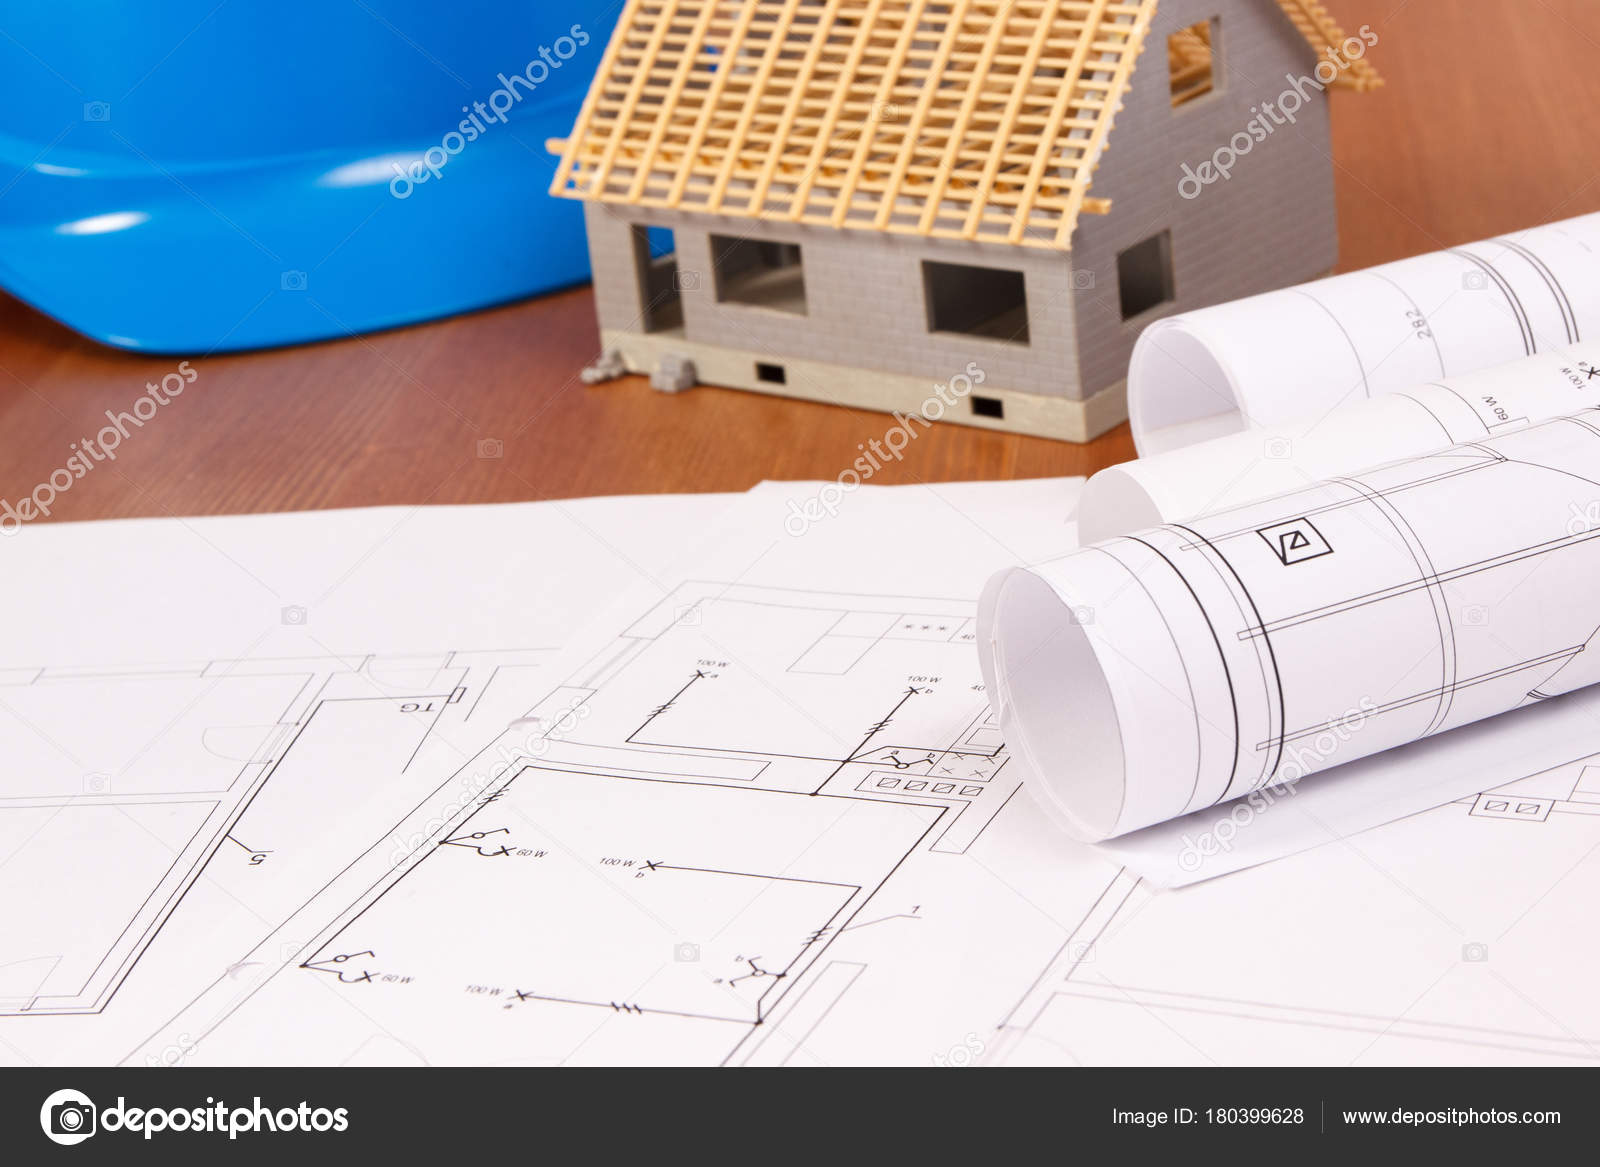 Elektrische Zeichnungen Oder Diagramme, Haus Im Bau Und Blau Schutzhelm  Nach Hause Gebäudekonzept U2014 Foto Von Ratmaner